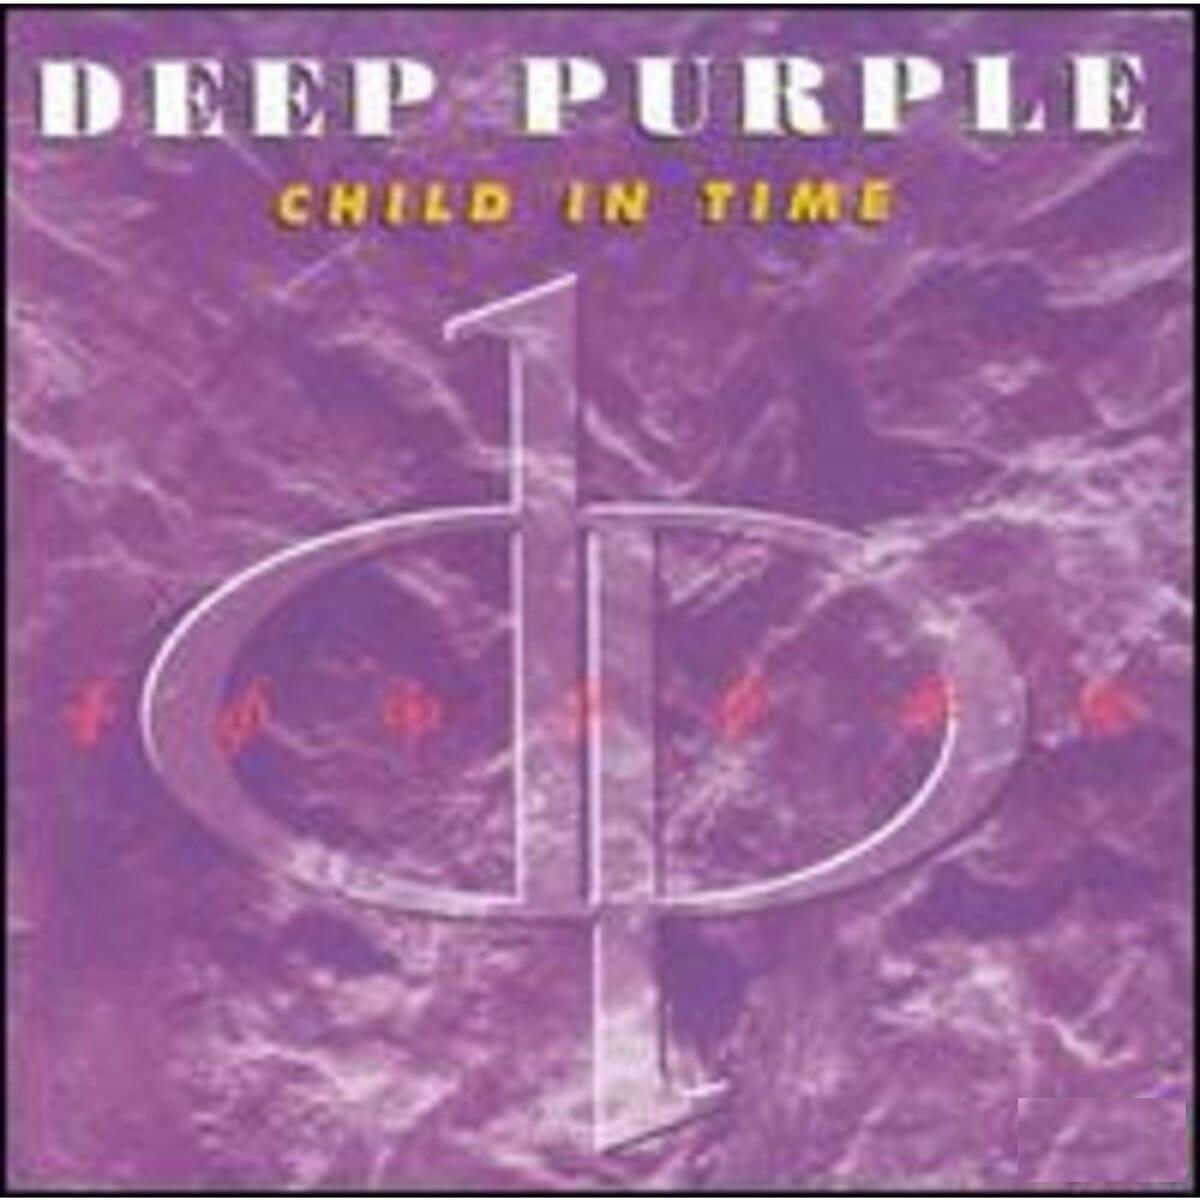 Portada de l'àlbum Deep Purple Child in Time